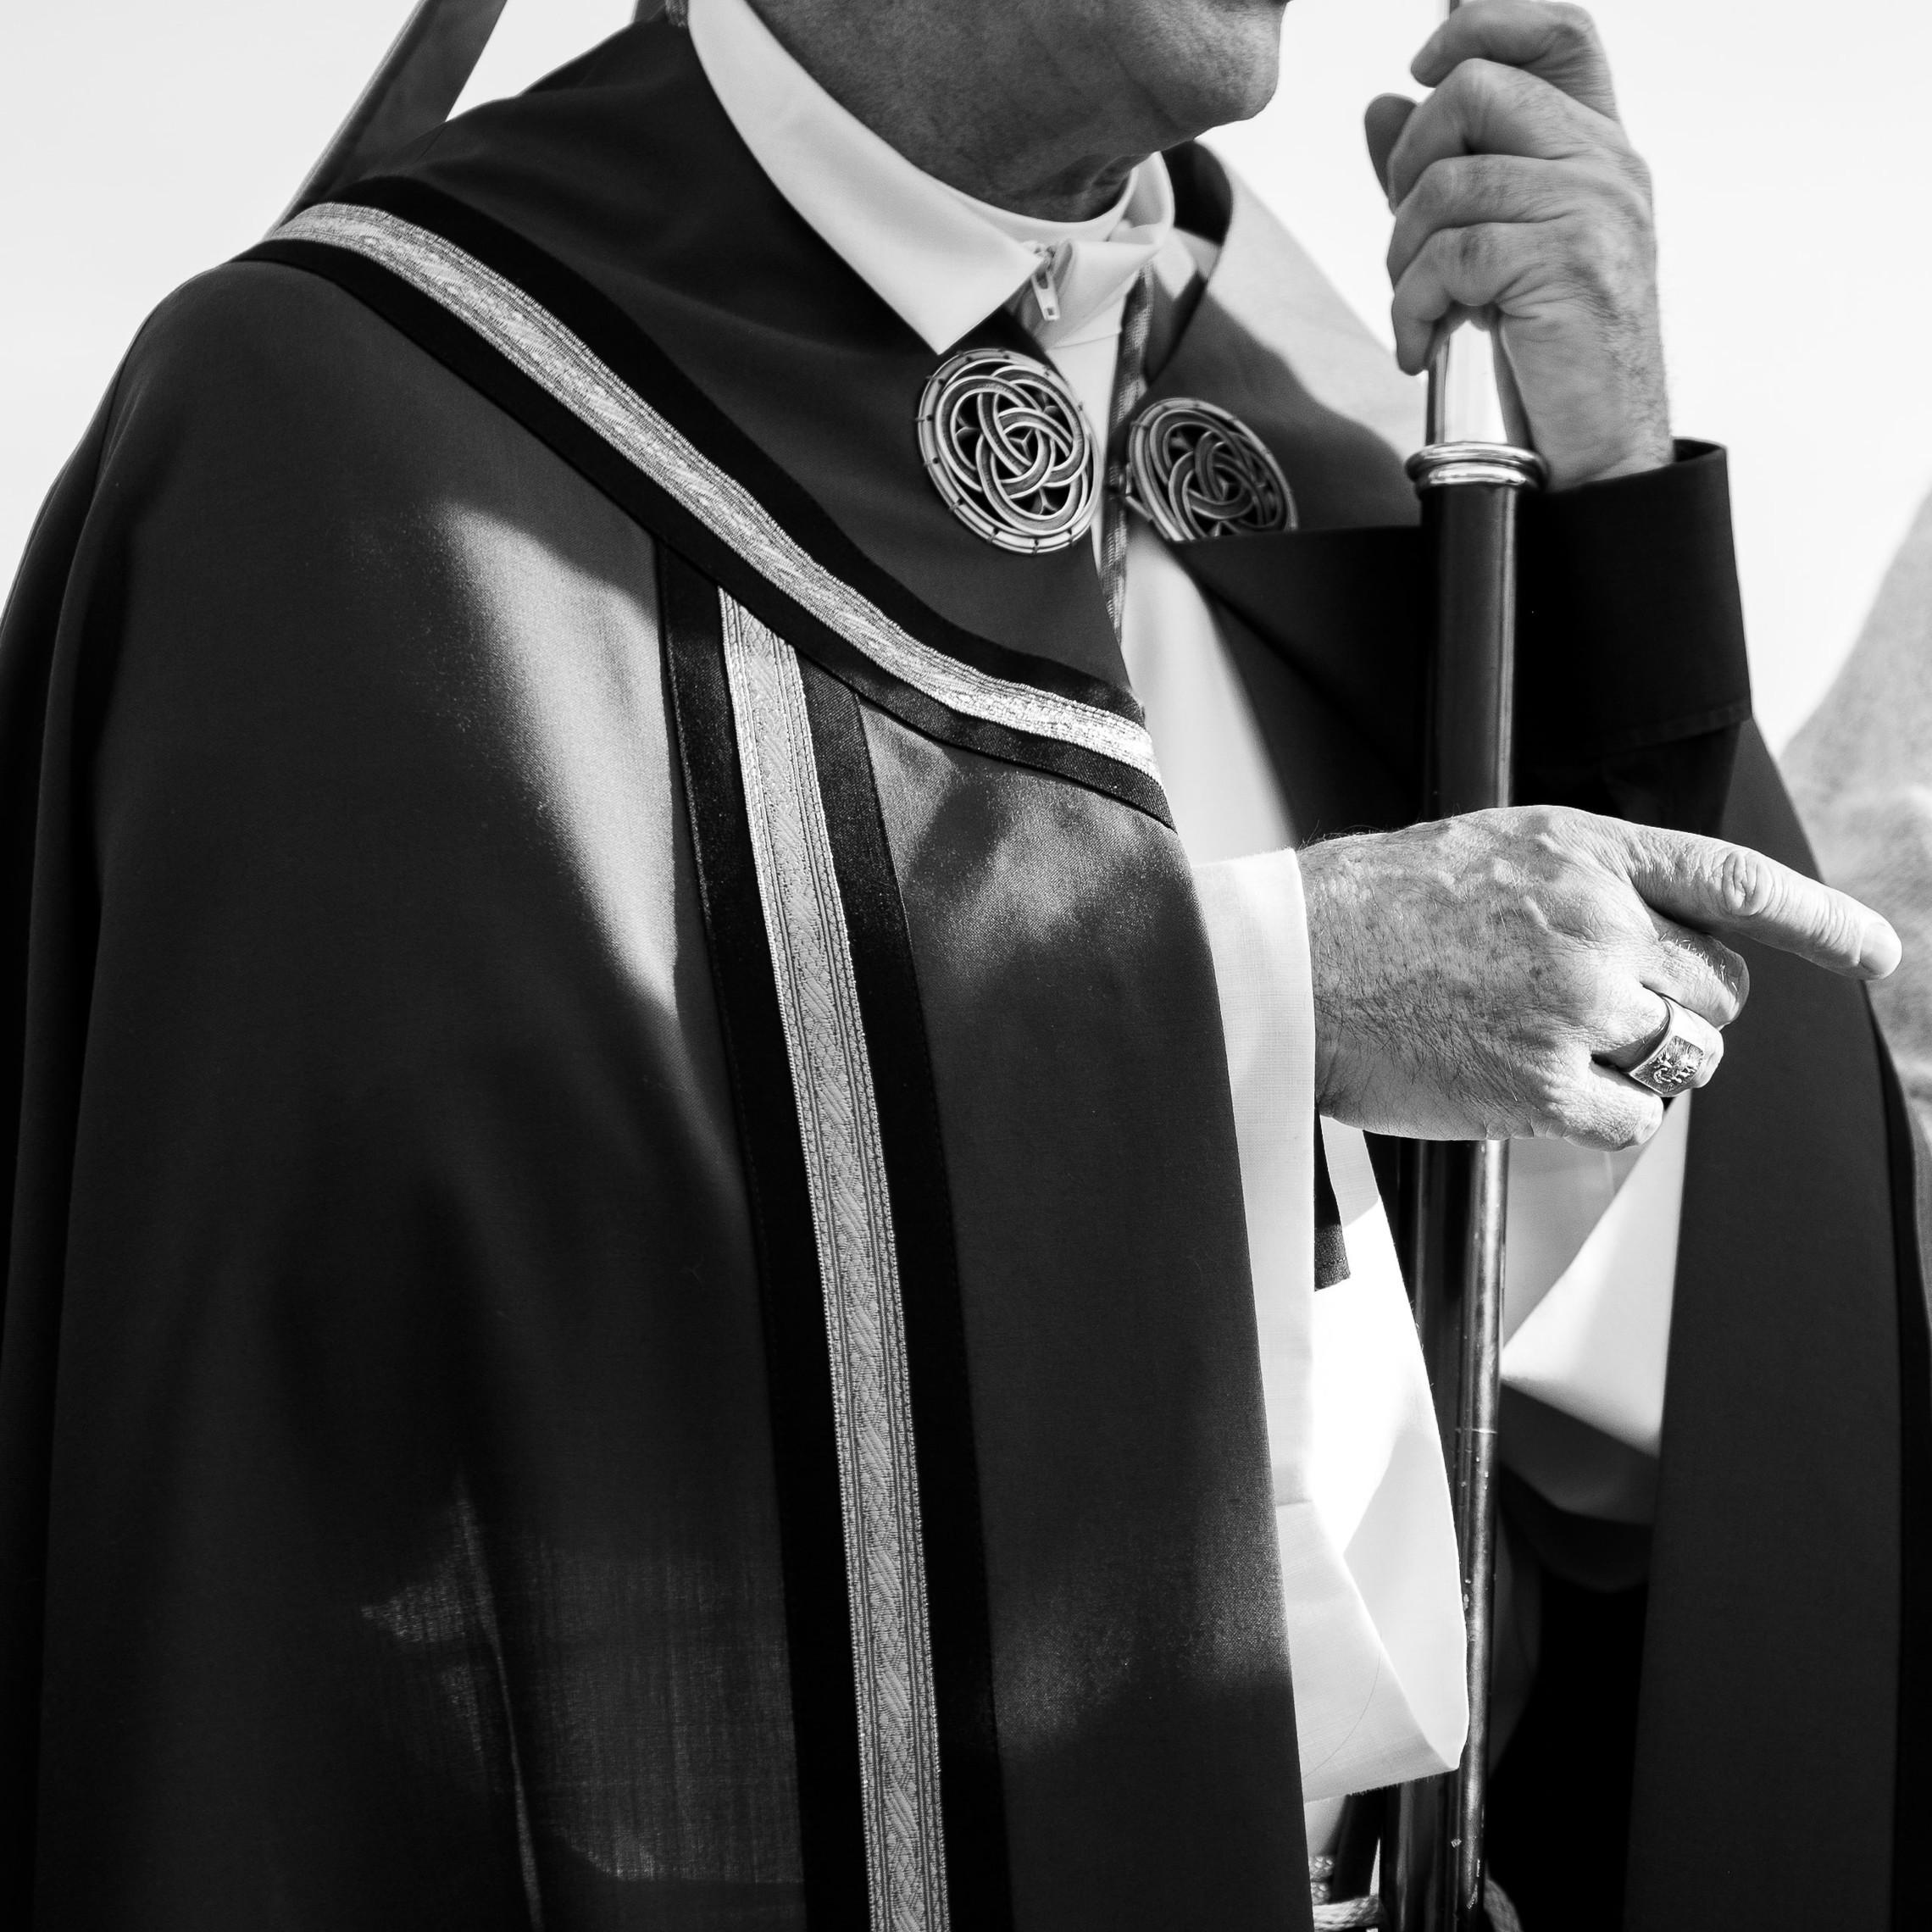 Agenda-driven bishops